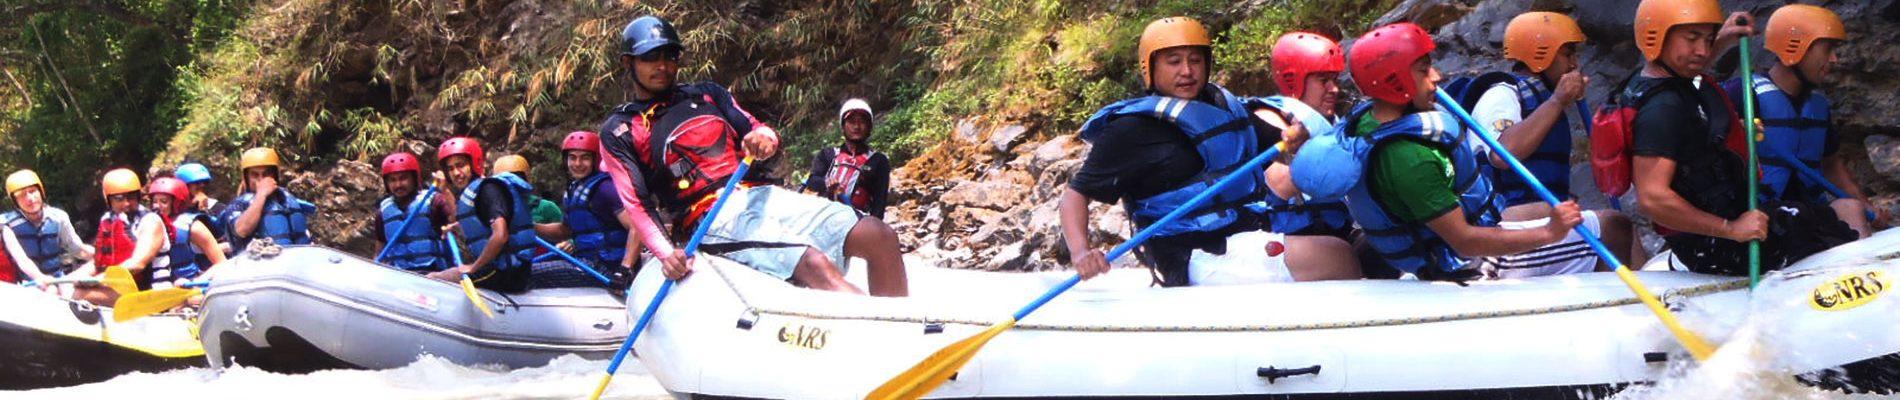 Rafting & Kanoeing